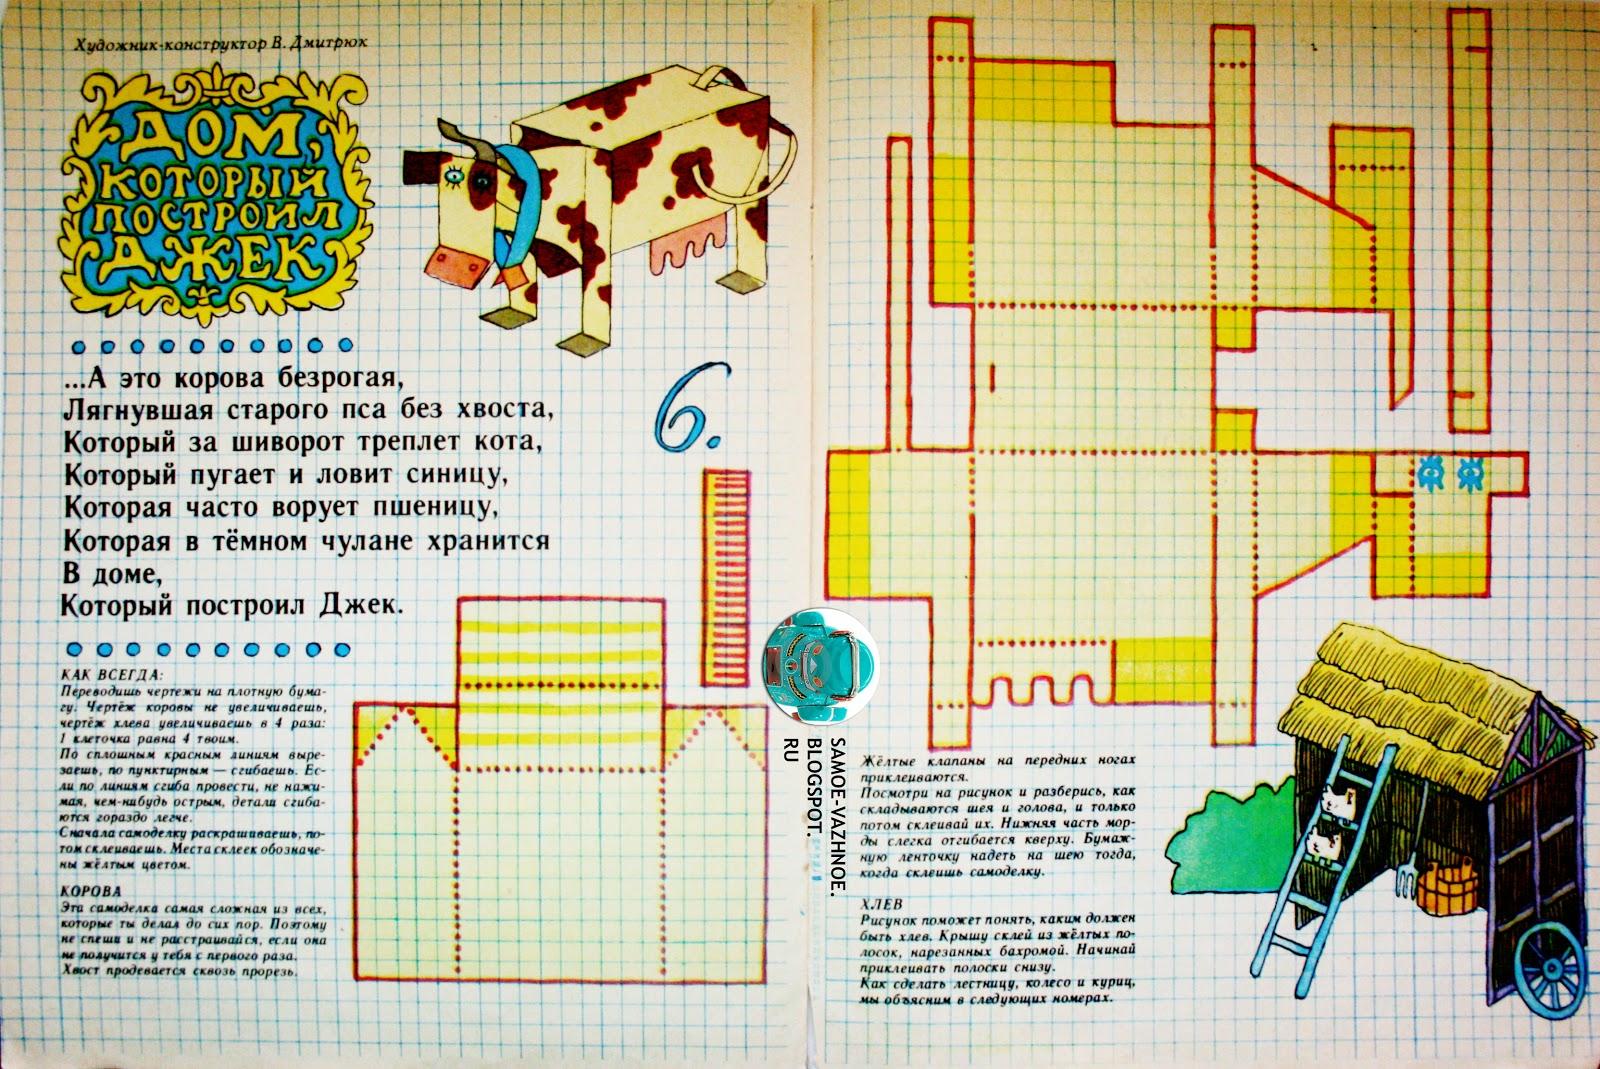 картонный дом СССР дом который построил джек веселые картинки (№6, 1987)